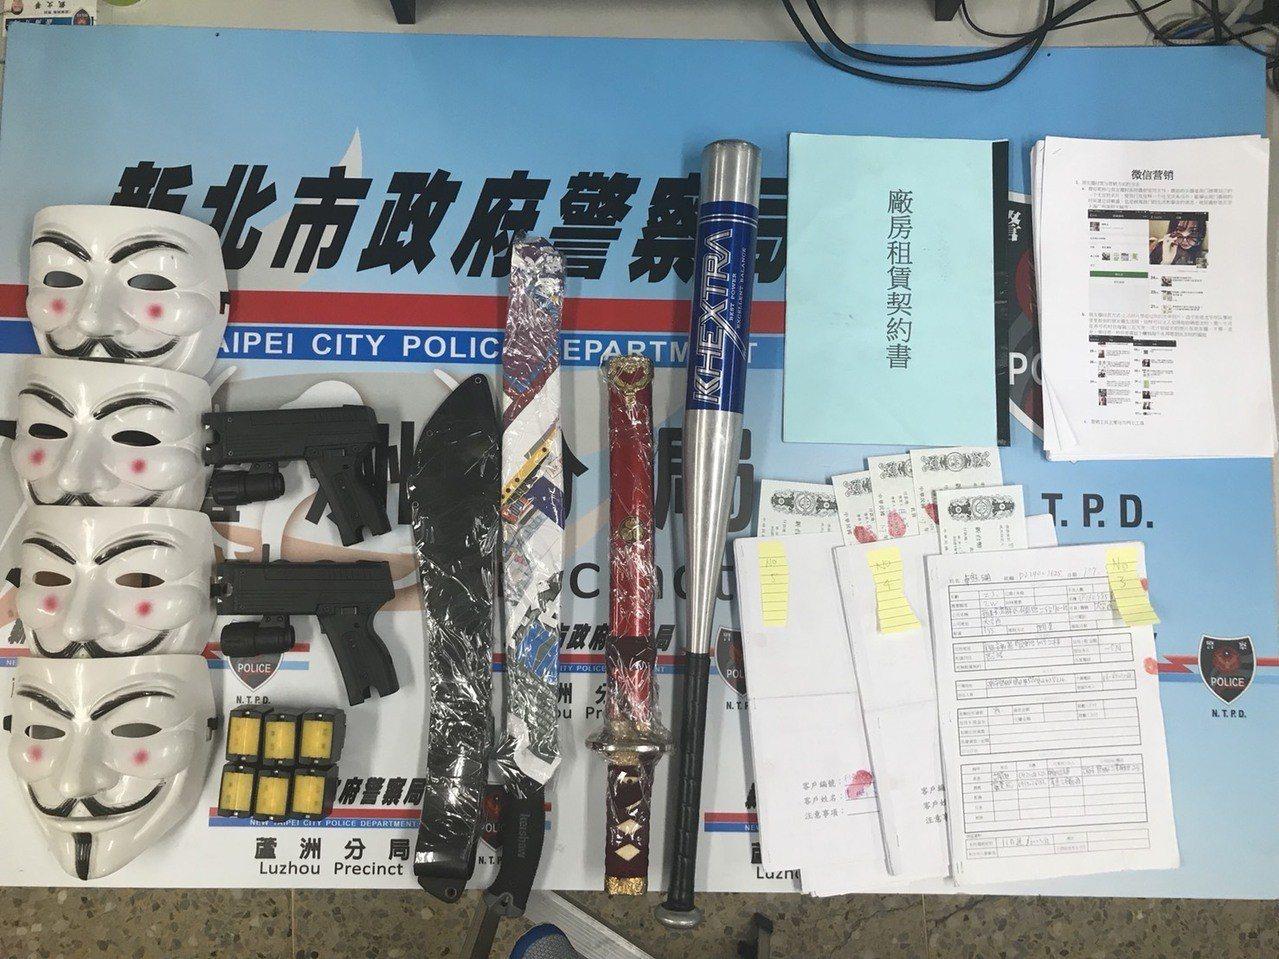 警方查扣V怪客面具、電擊槍、各類刀械、重利本票等證物。記者林昭彰/翻攝